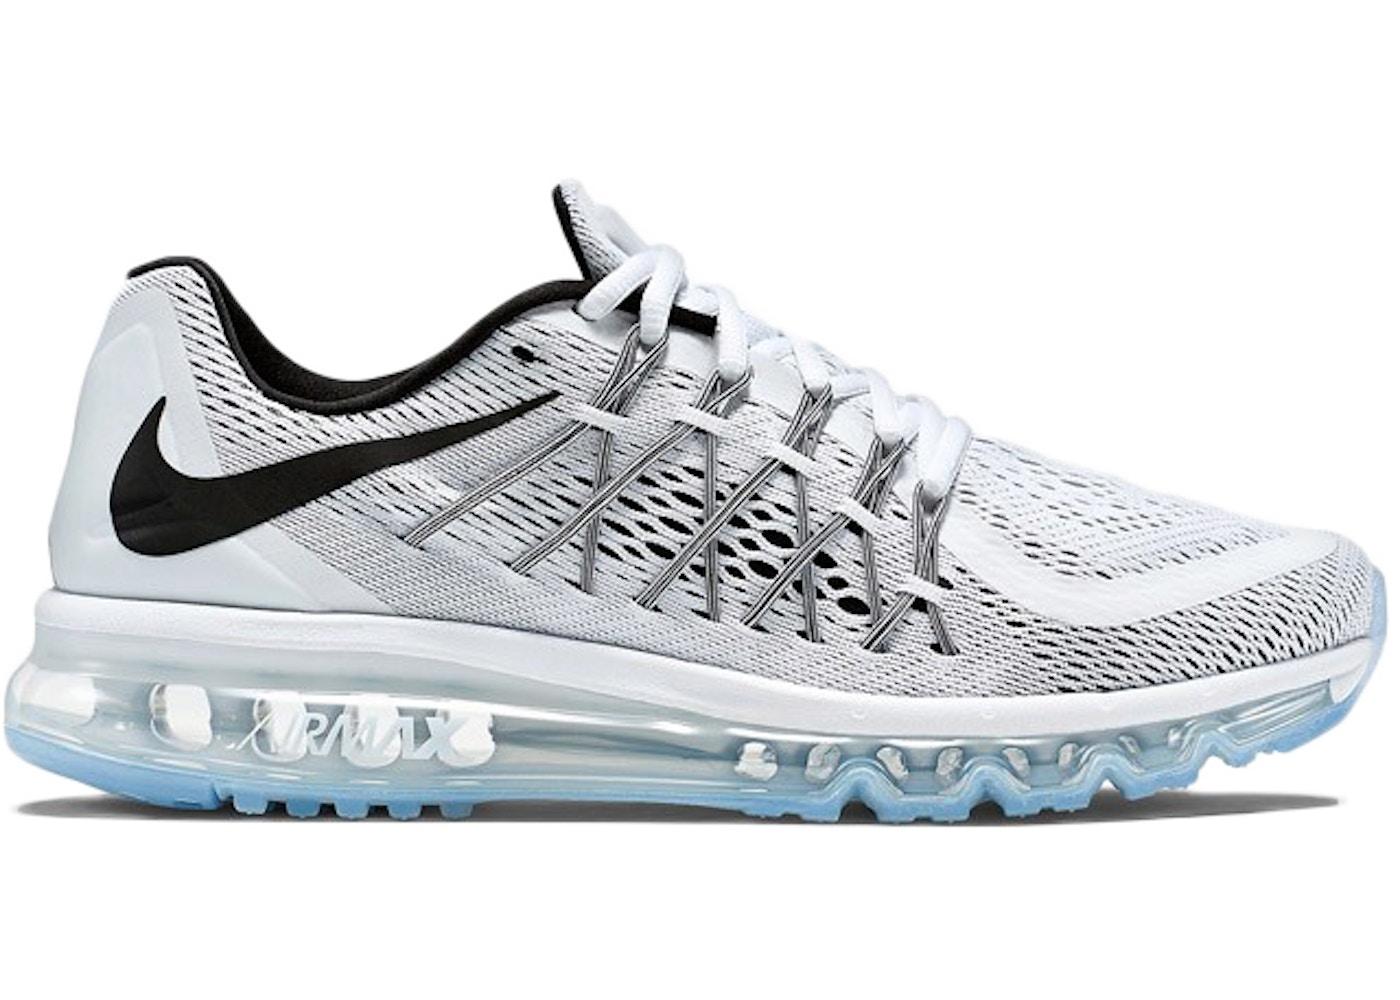 unos pocos Embutido esculpir  Nike Air Max 2015 Black White - 698908-101